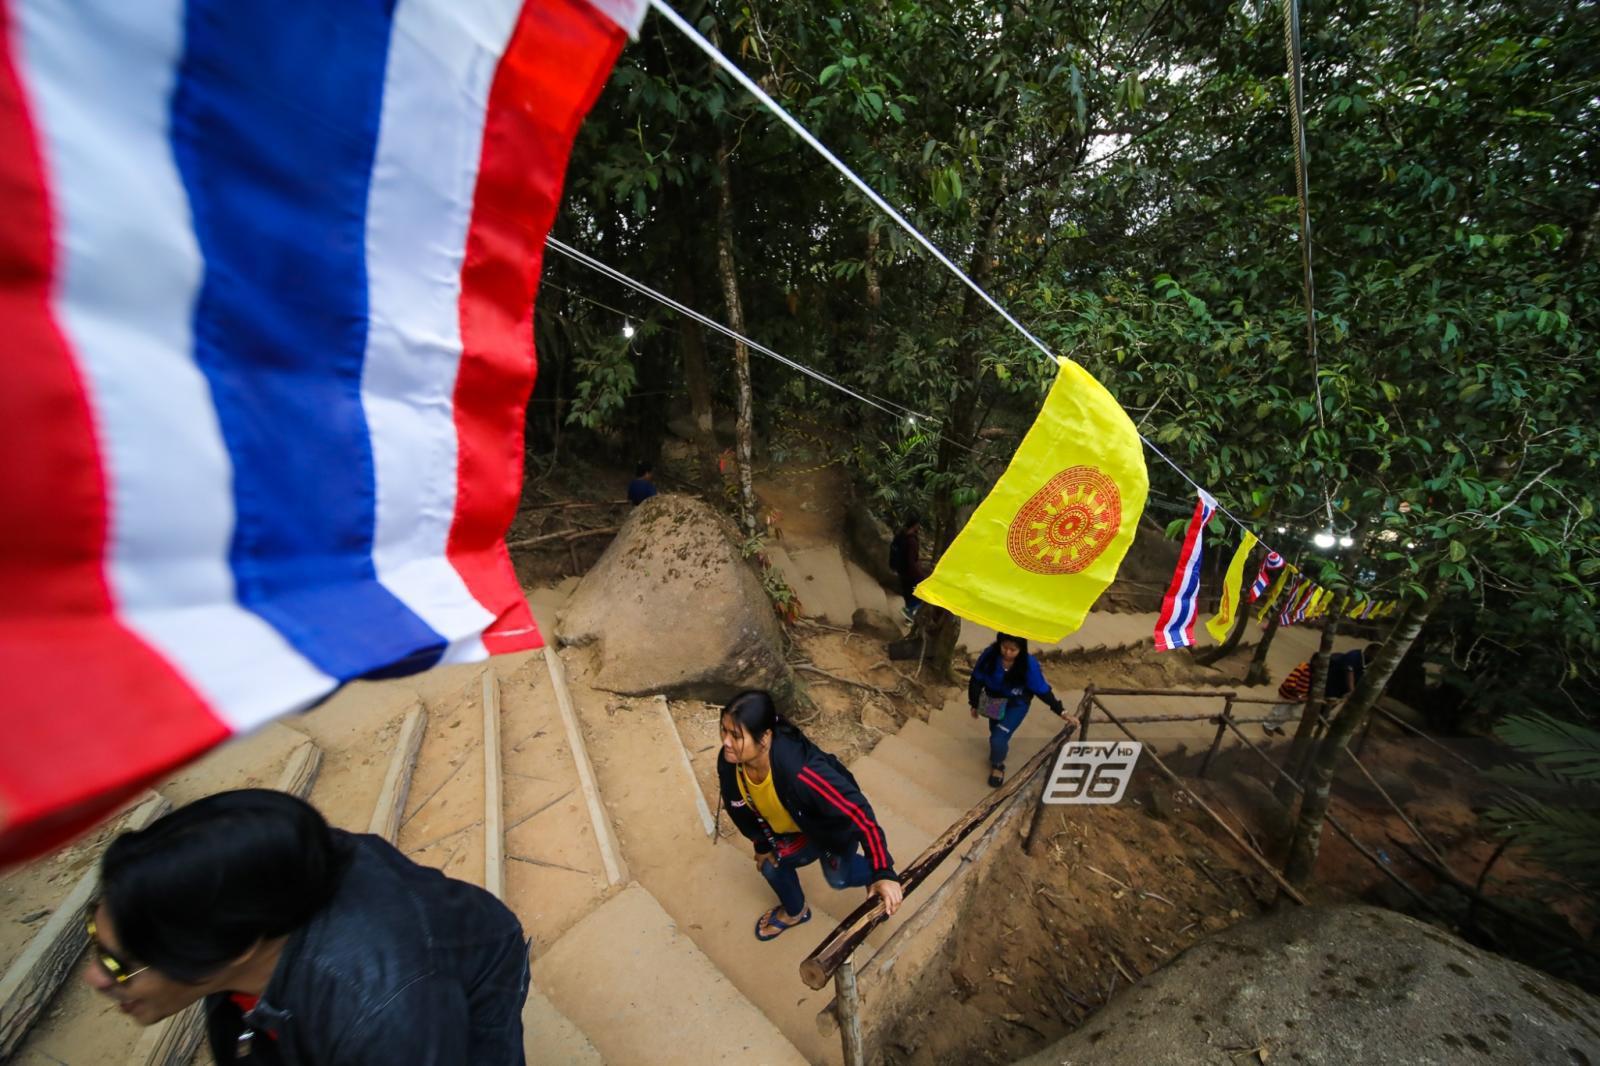 รีวิว ขึ้นเขาคิชฌกูฏ เดินแสวงบุญบนยอดเขา 1,050 เมตรจากระดับน้ำทะเล